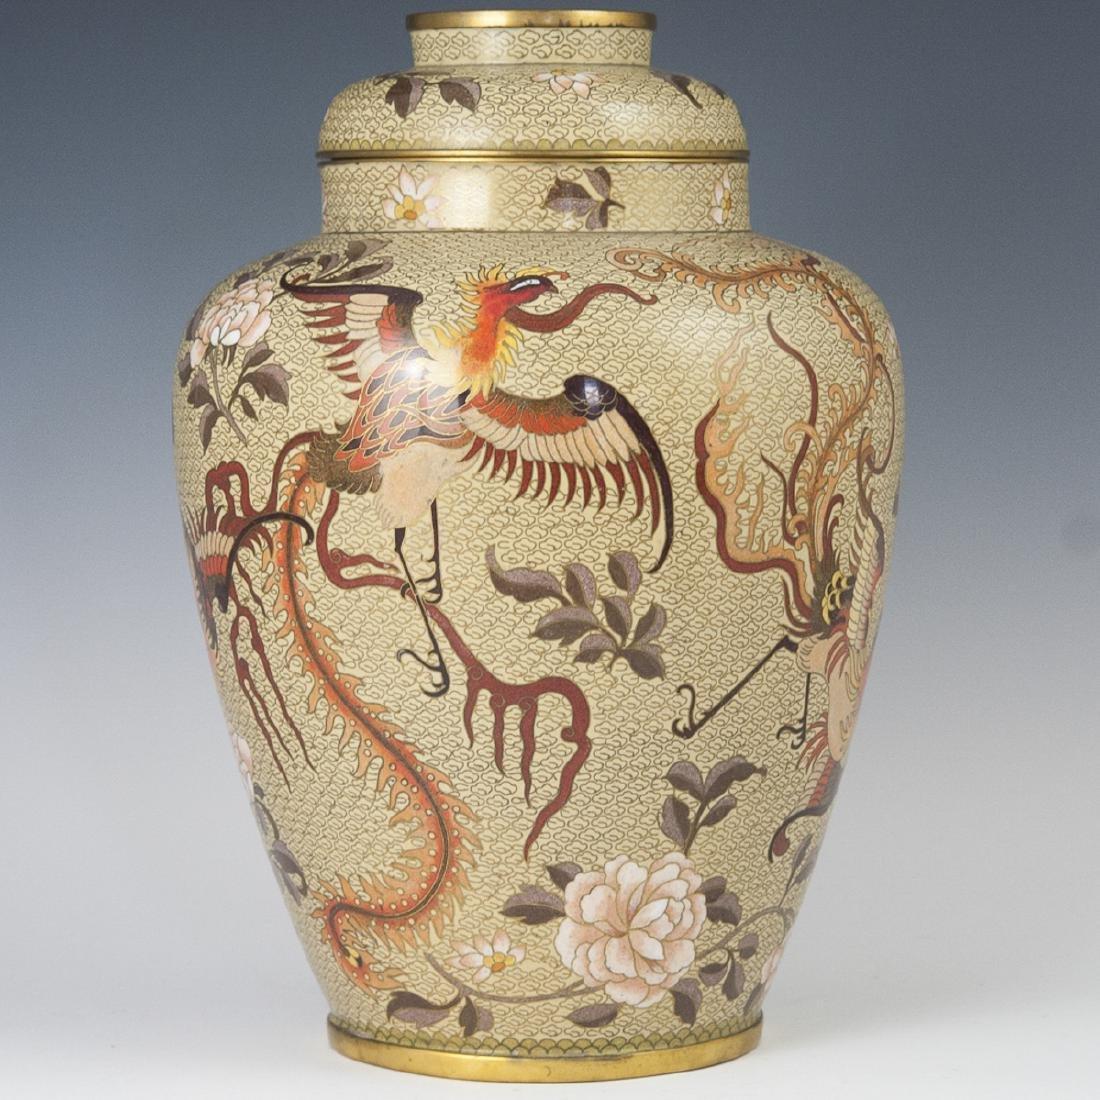 Chinese Cloisonne Enameled Urn